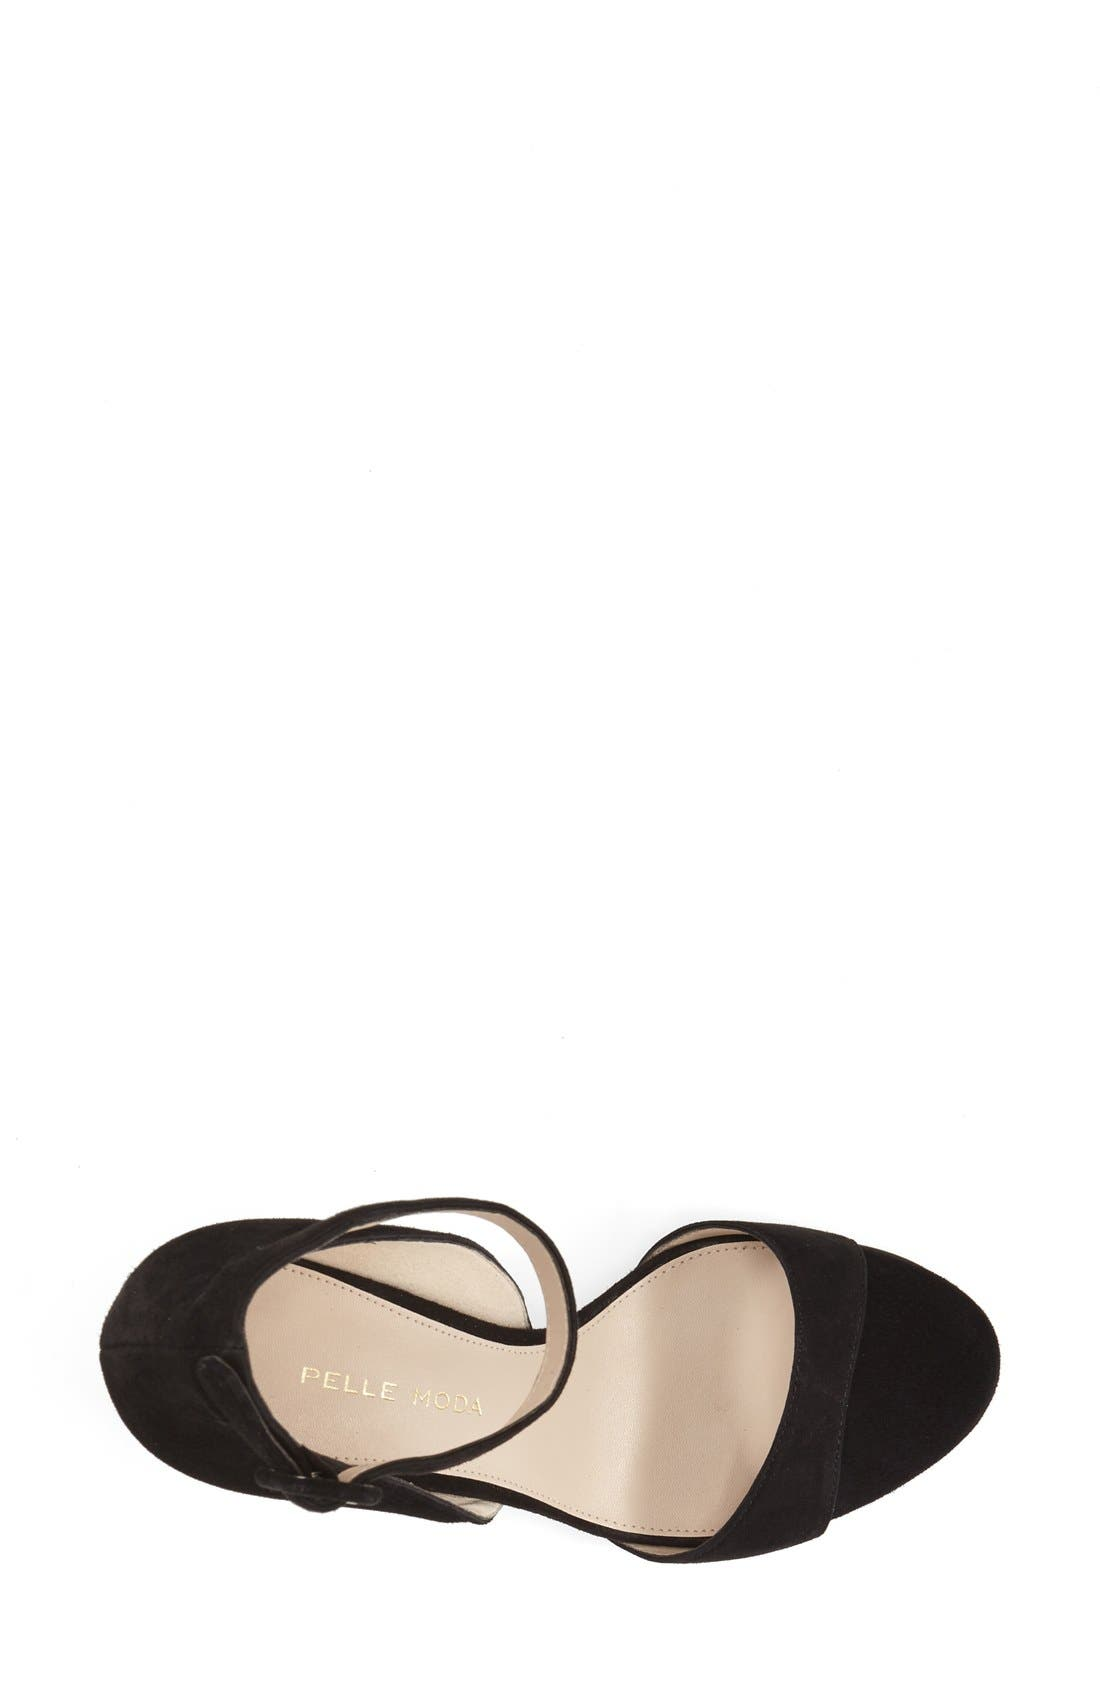 Alternate Image 3  - Pelle Moda'Foster' Ankle Strap Sandal (Women)